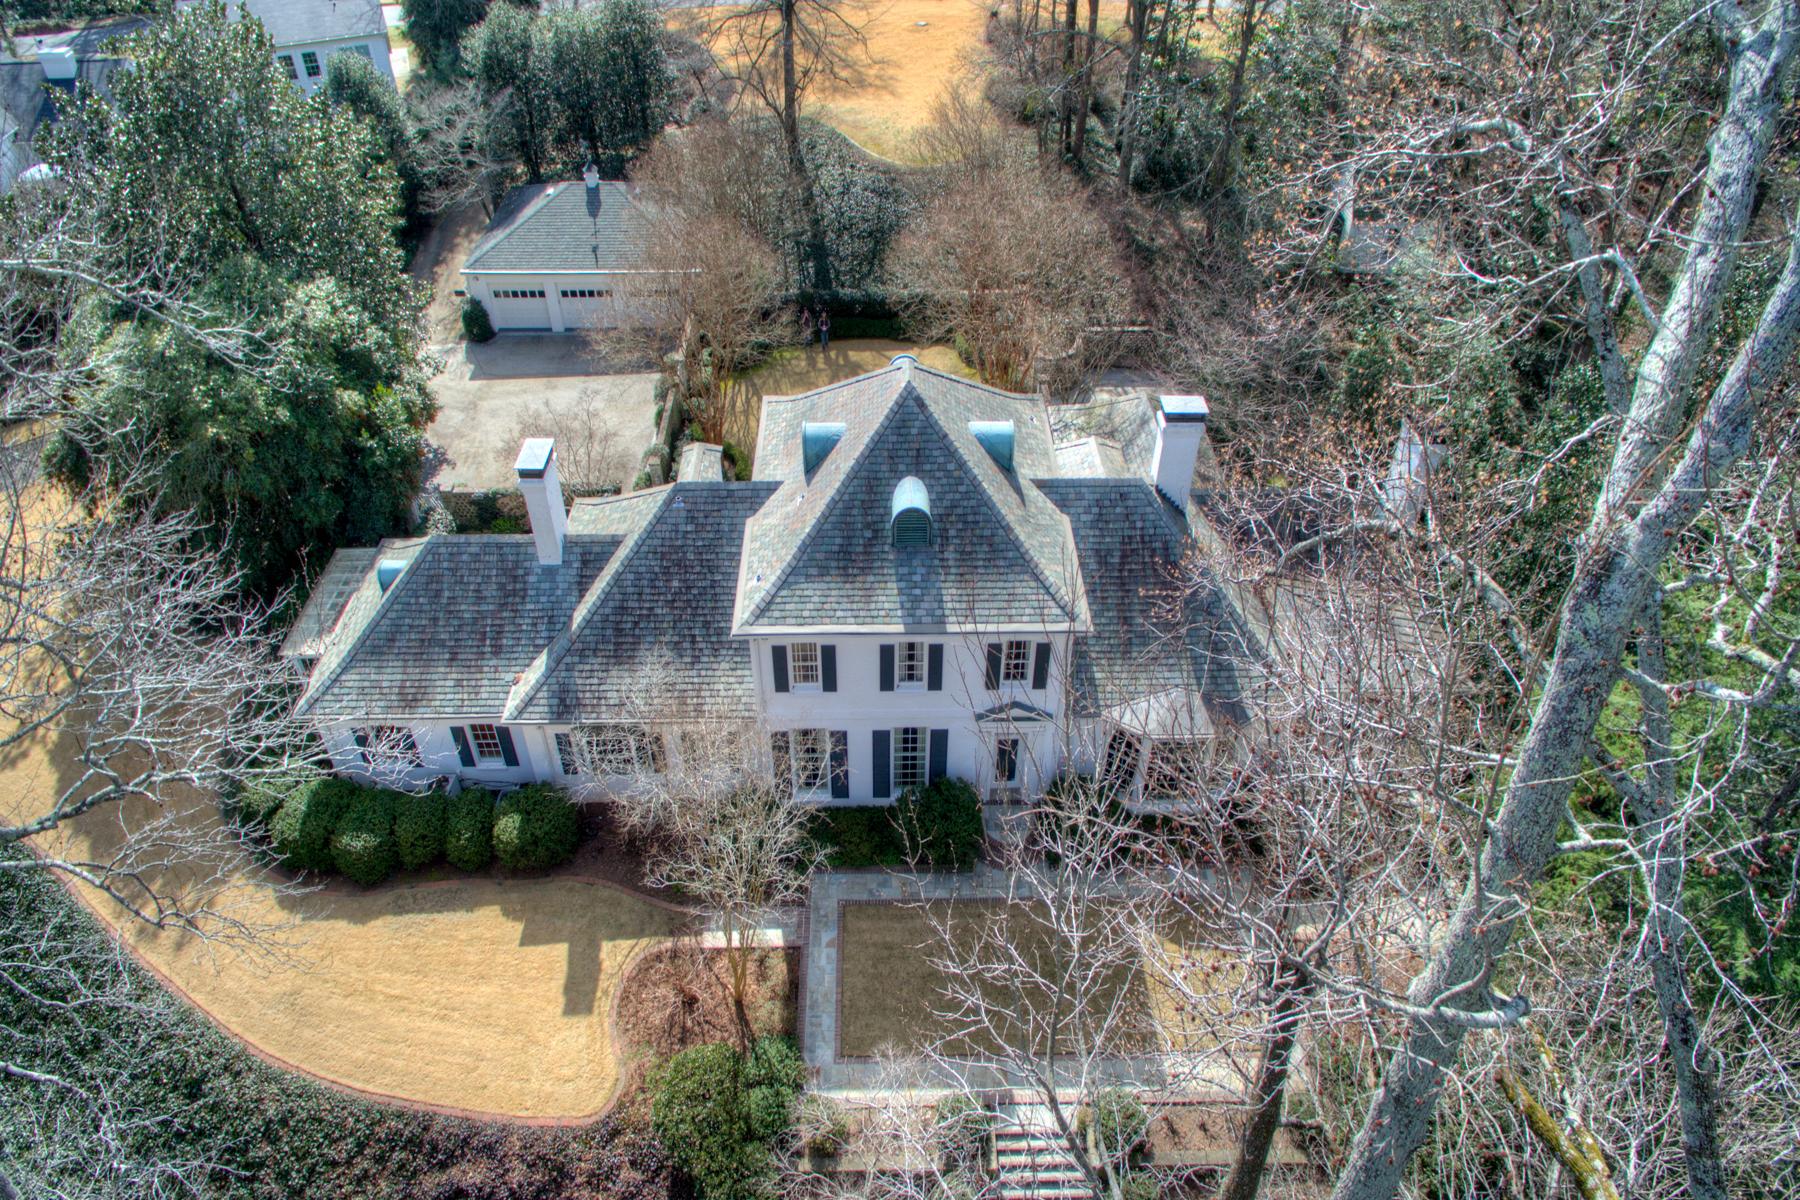 단독 가정 주택 용 매매 에 Extraordinary Elegant Residence On Large Private Lot 103 Woodbine Circle Newnan, 조지아, 30263 미국